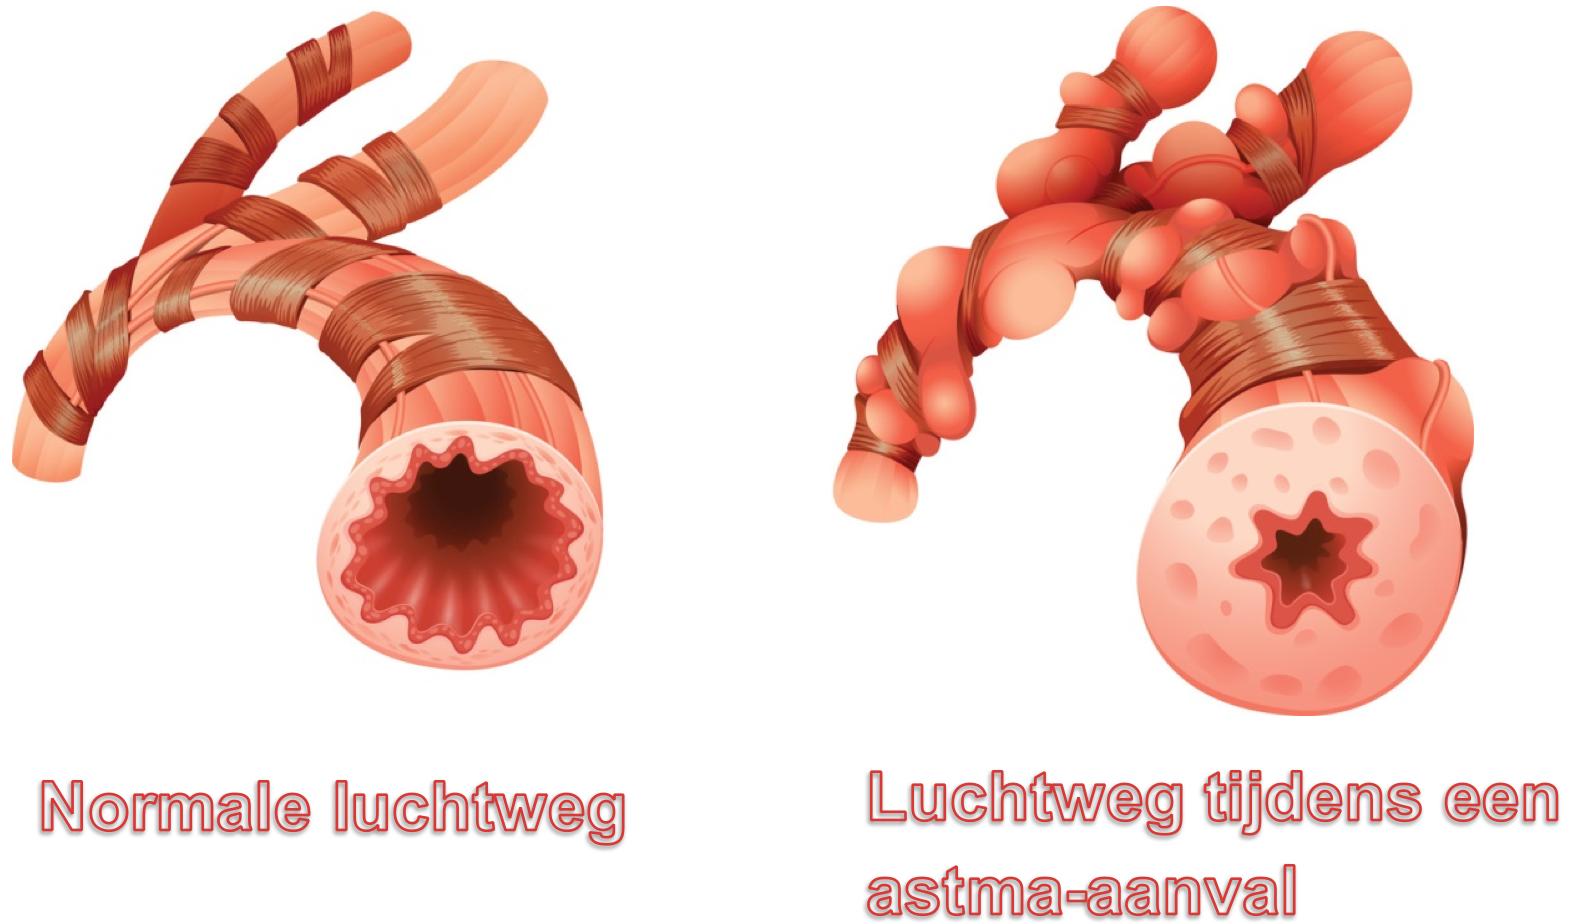 UMCG-Luchtwegen-astma-aanval